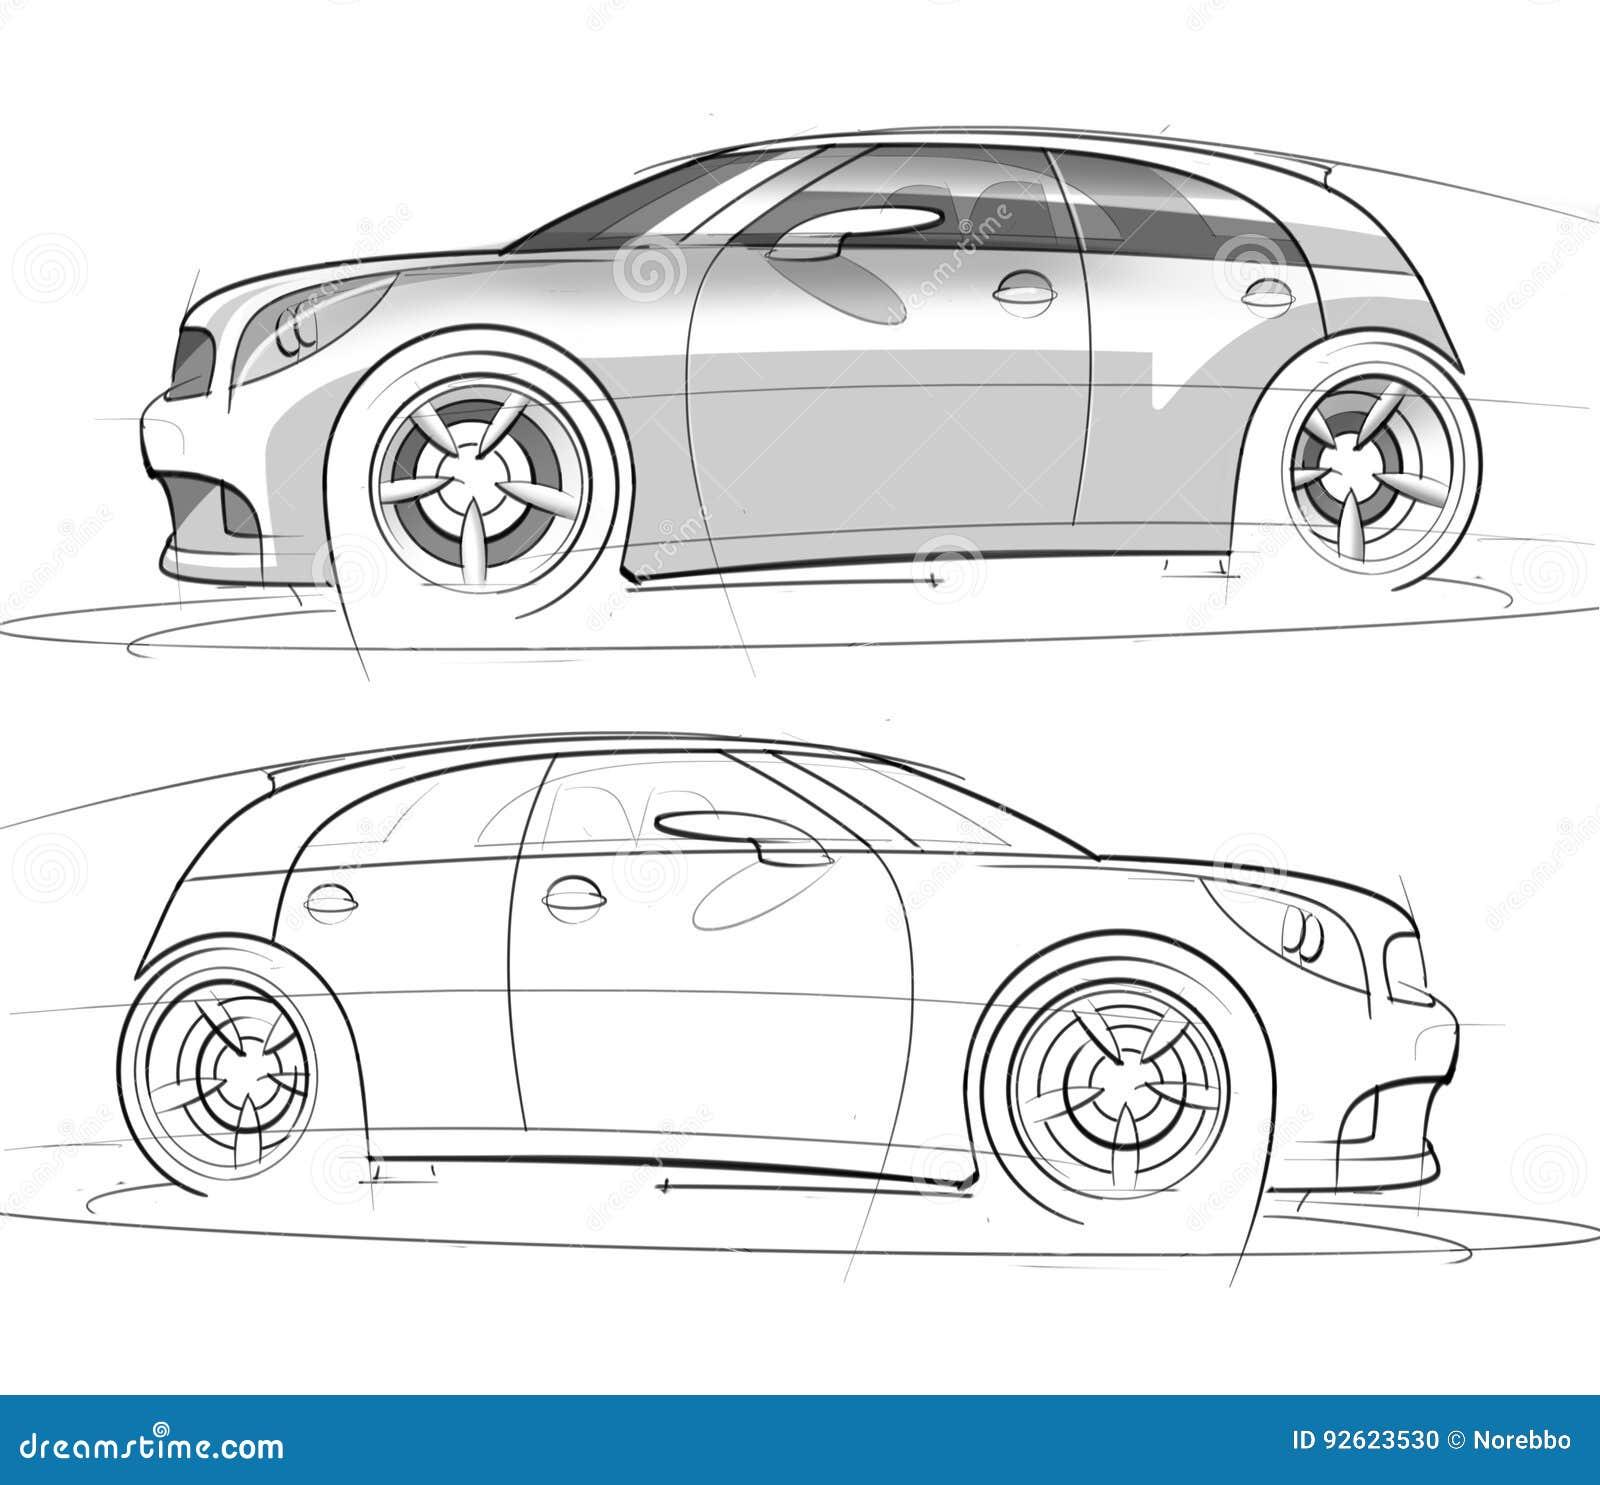 Sport Hatchback Sketch And Rendering Stock Illustration